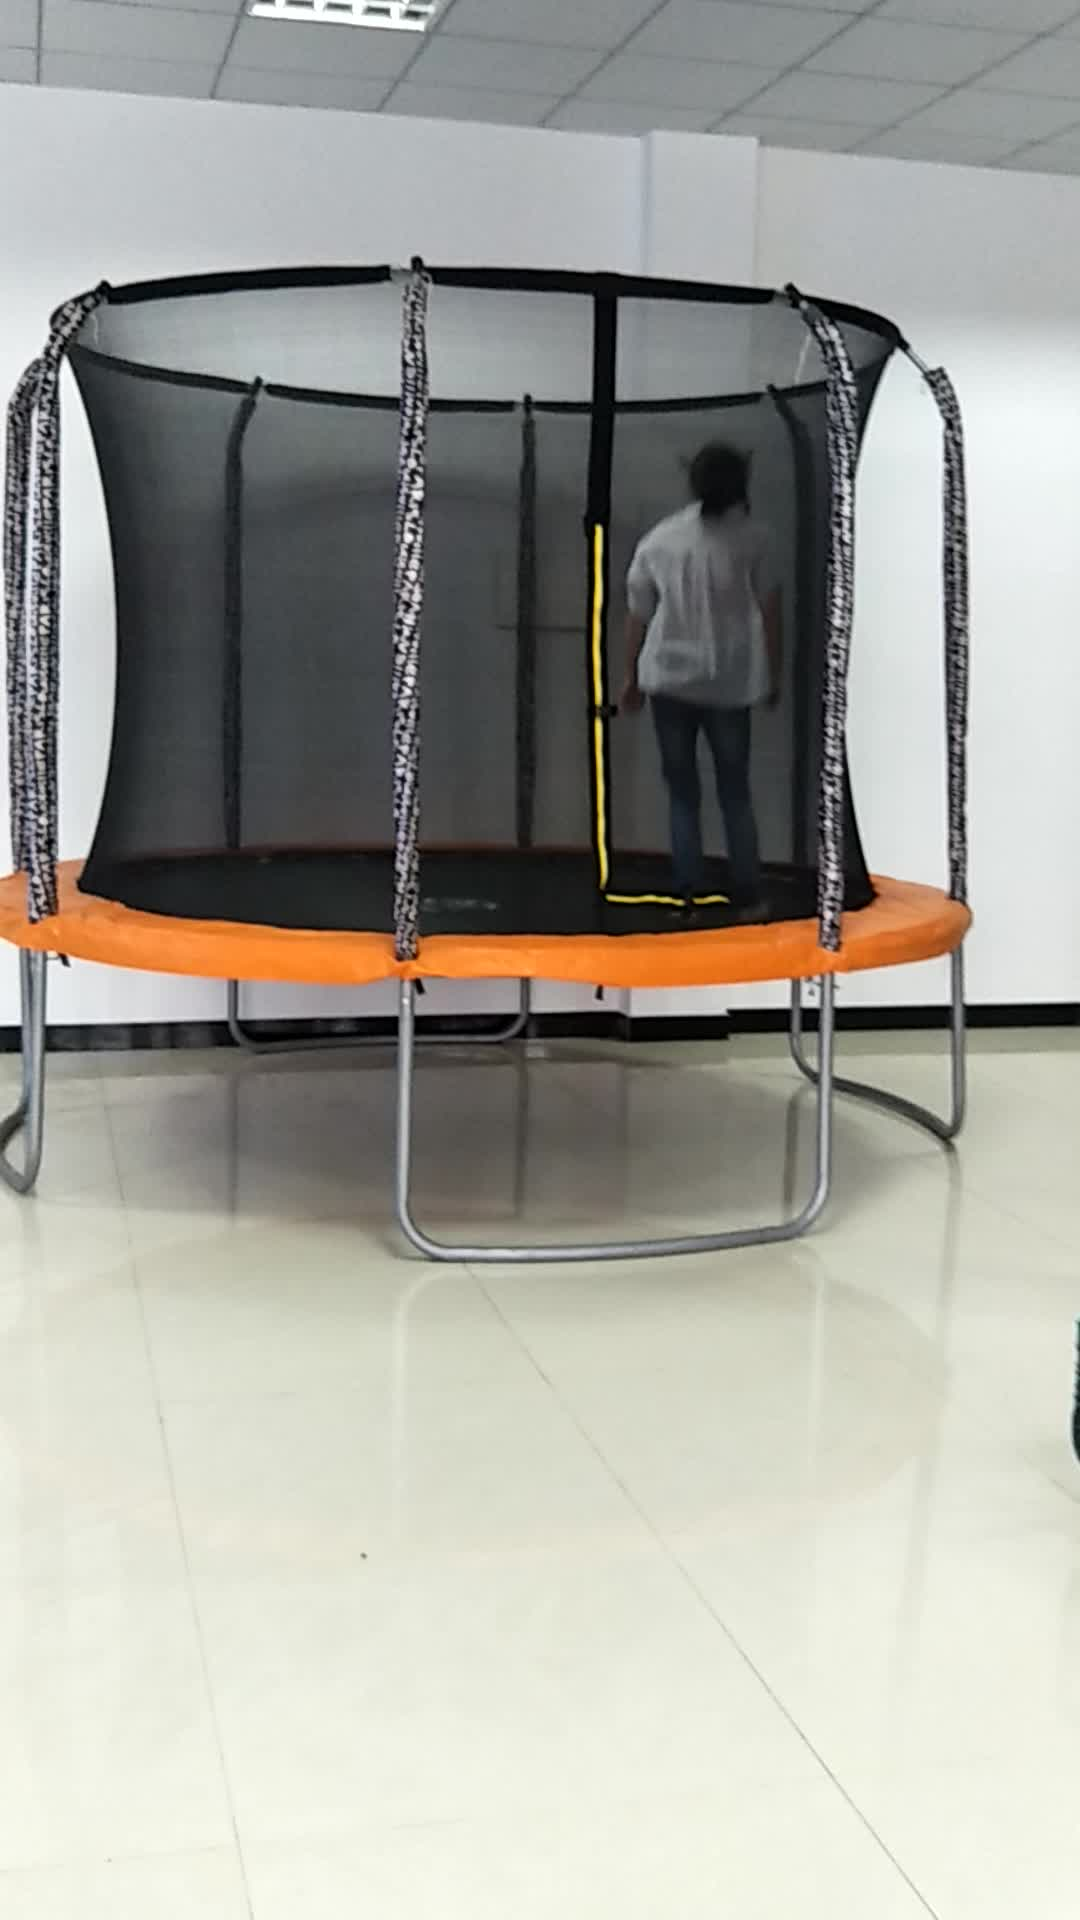 10ft große trampoline mit Foam Pit und gehäuse zum verkauf